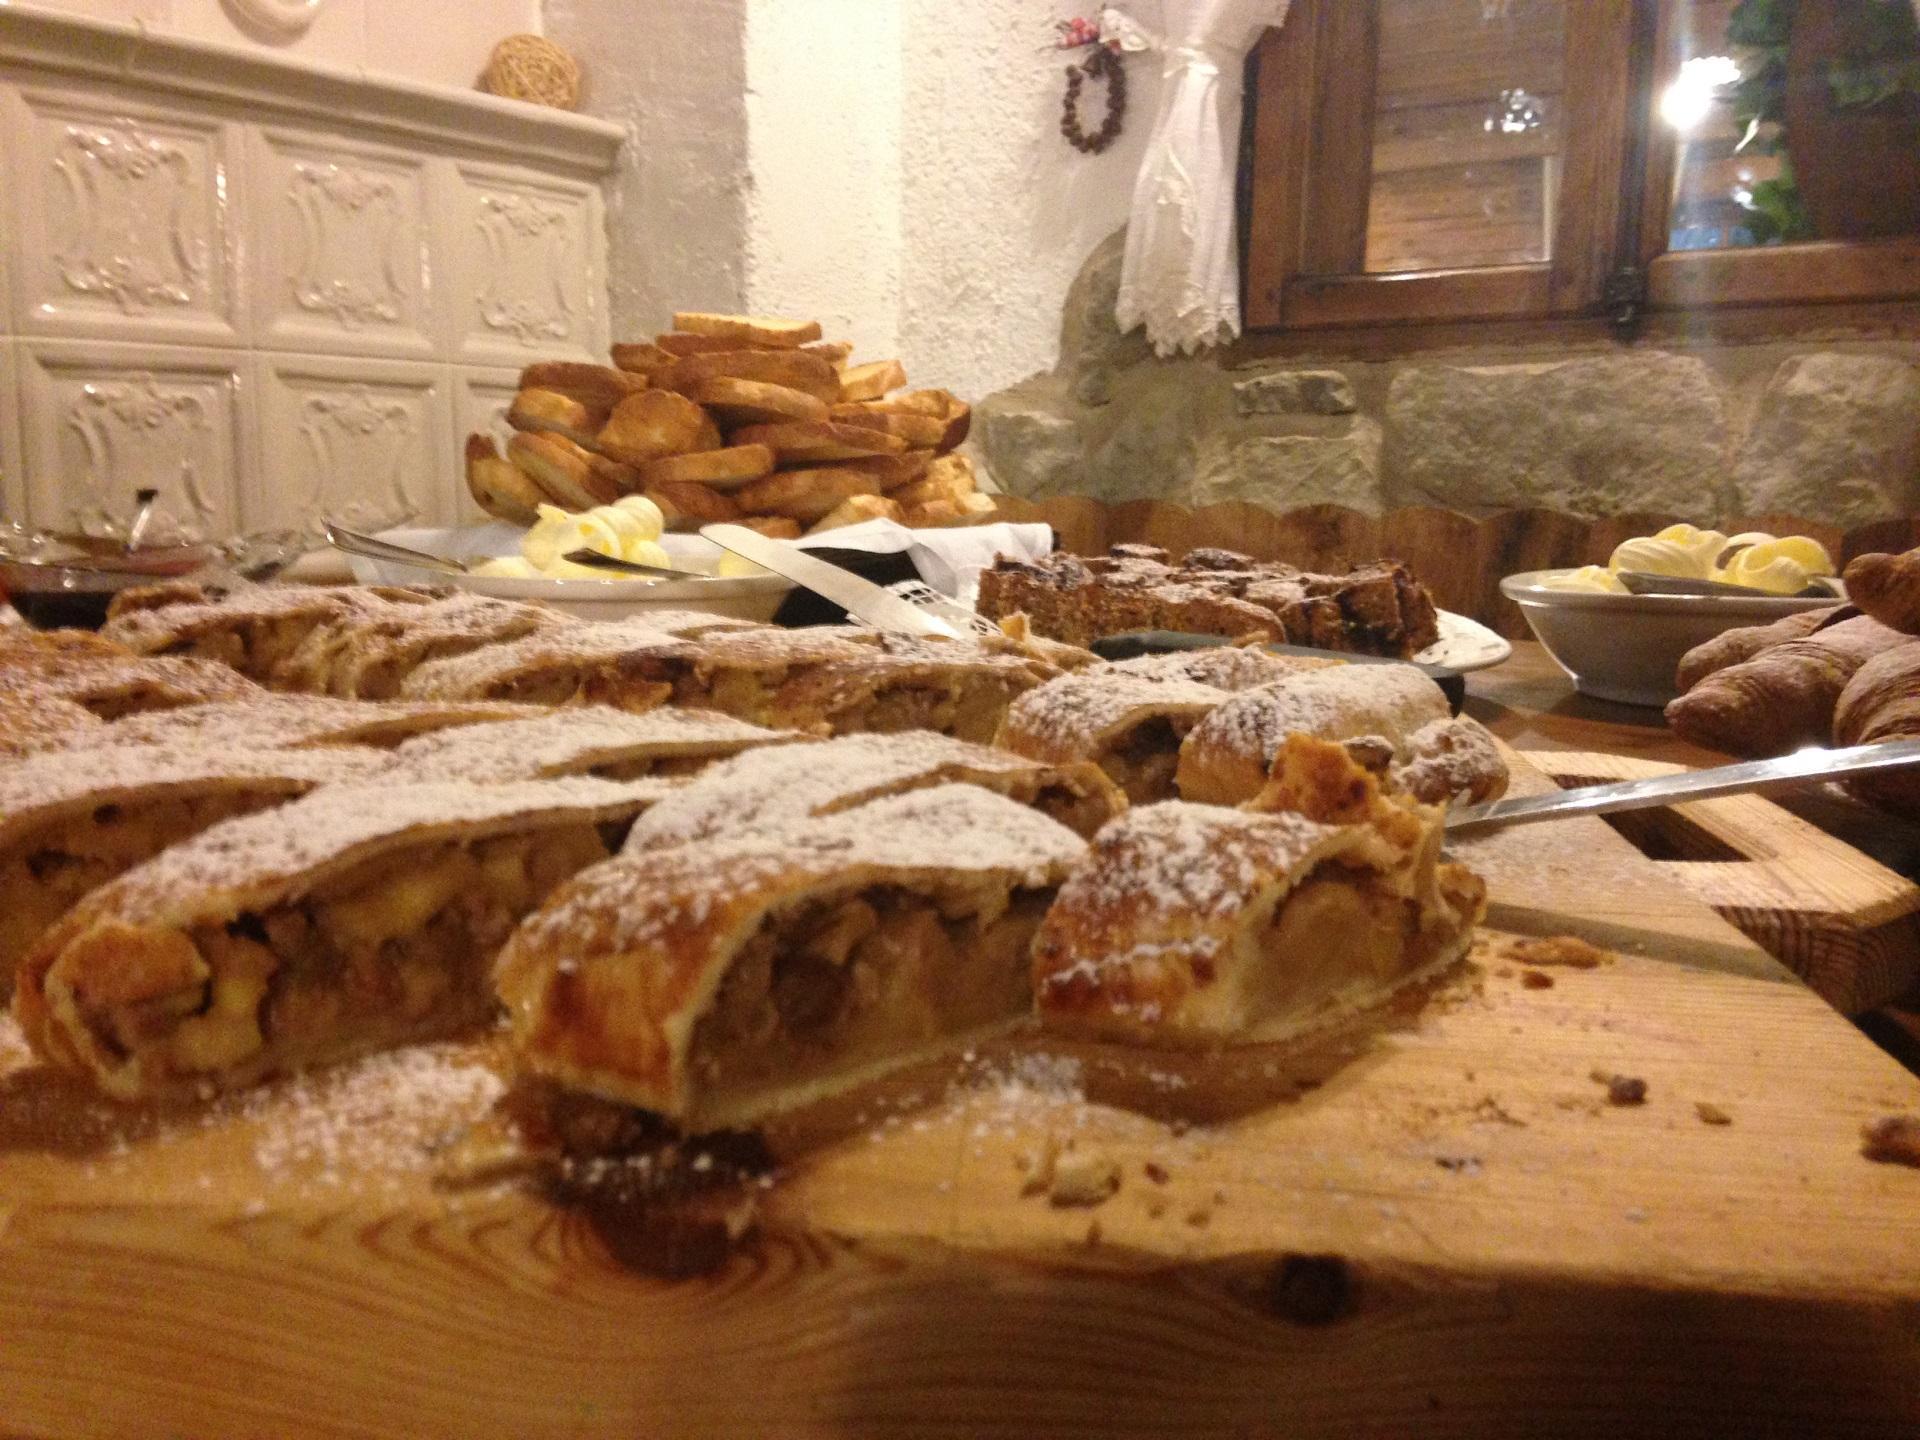 Enogastronomia colazione_Strudel_rifugio La Roda_Paganella Ski (2)